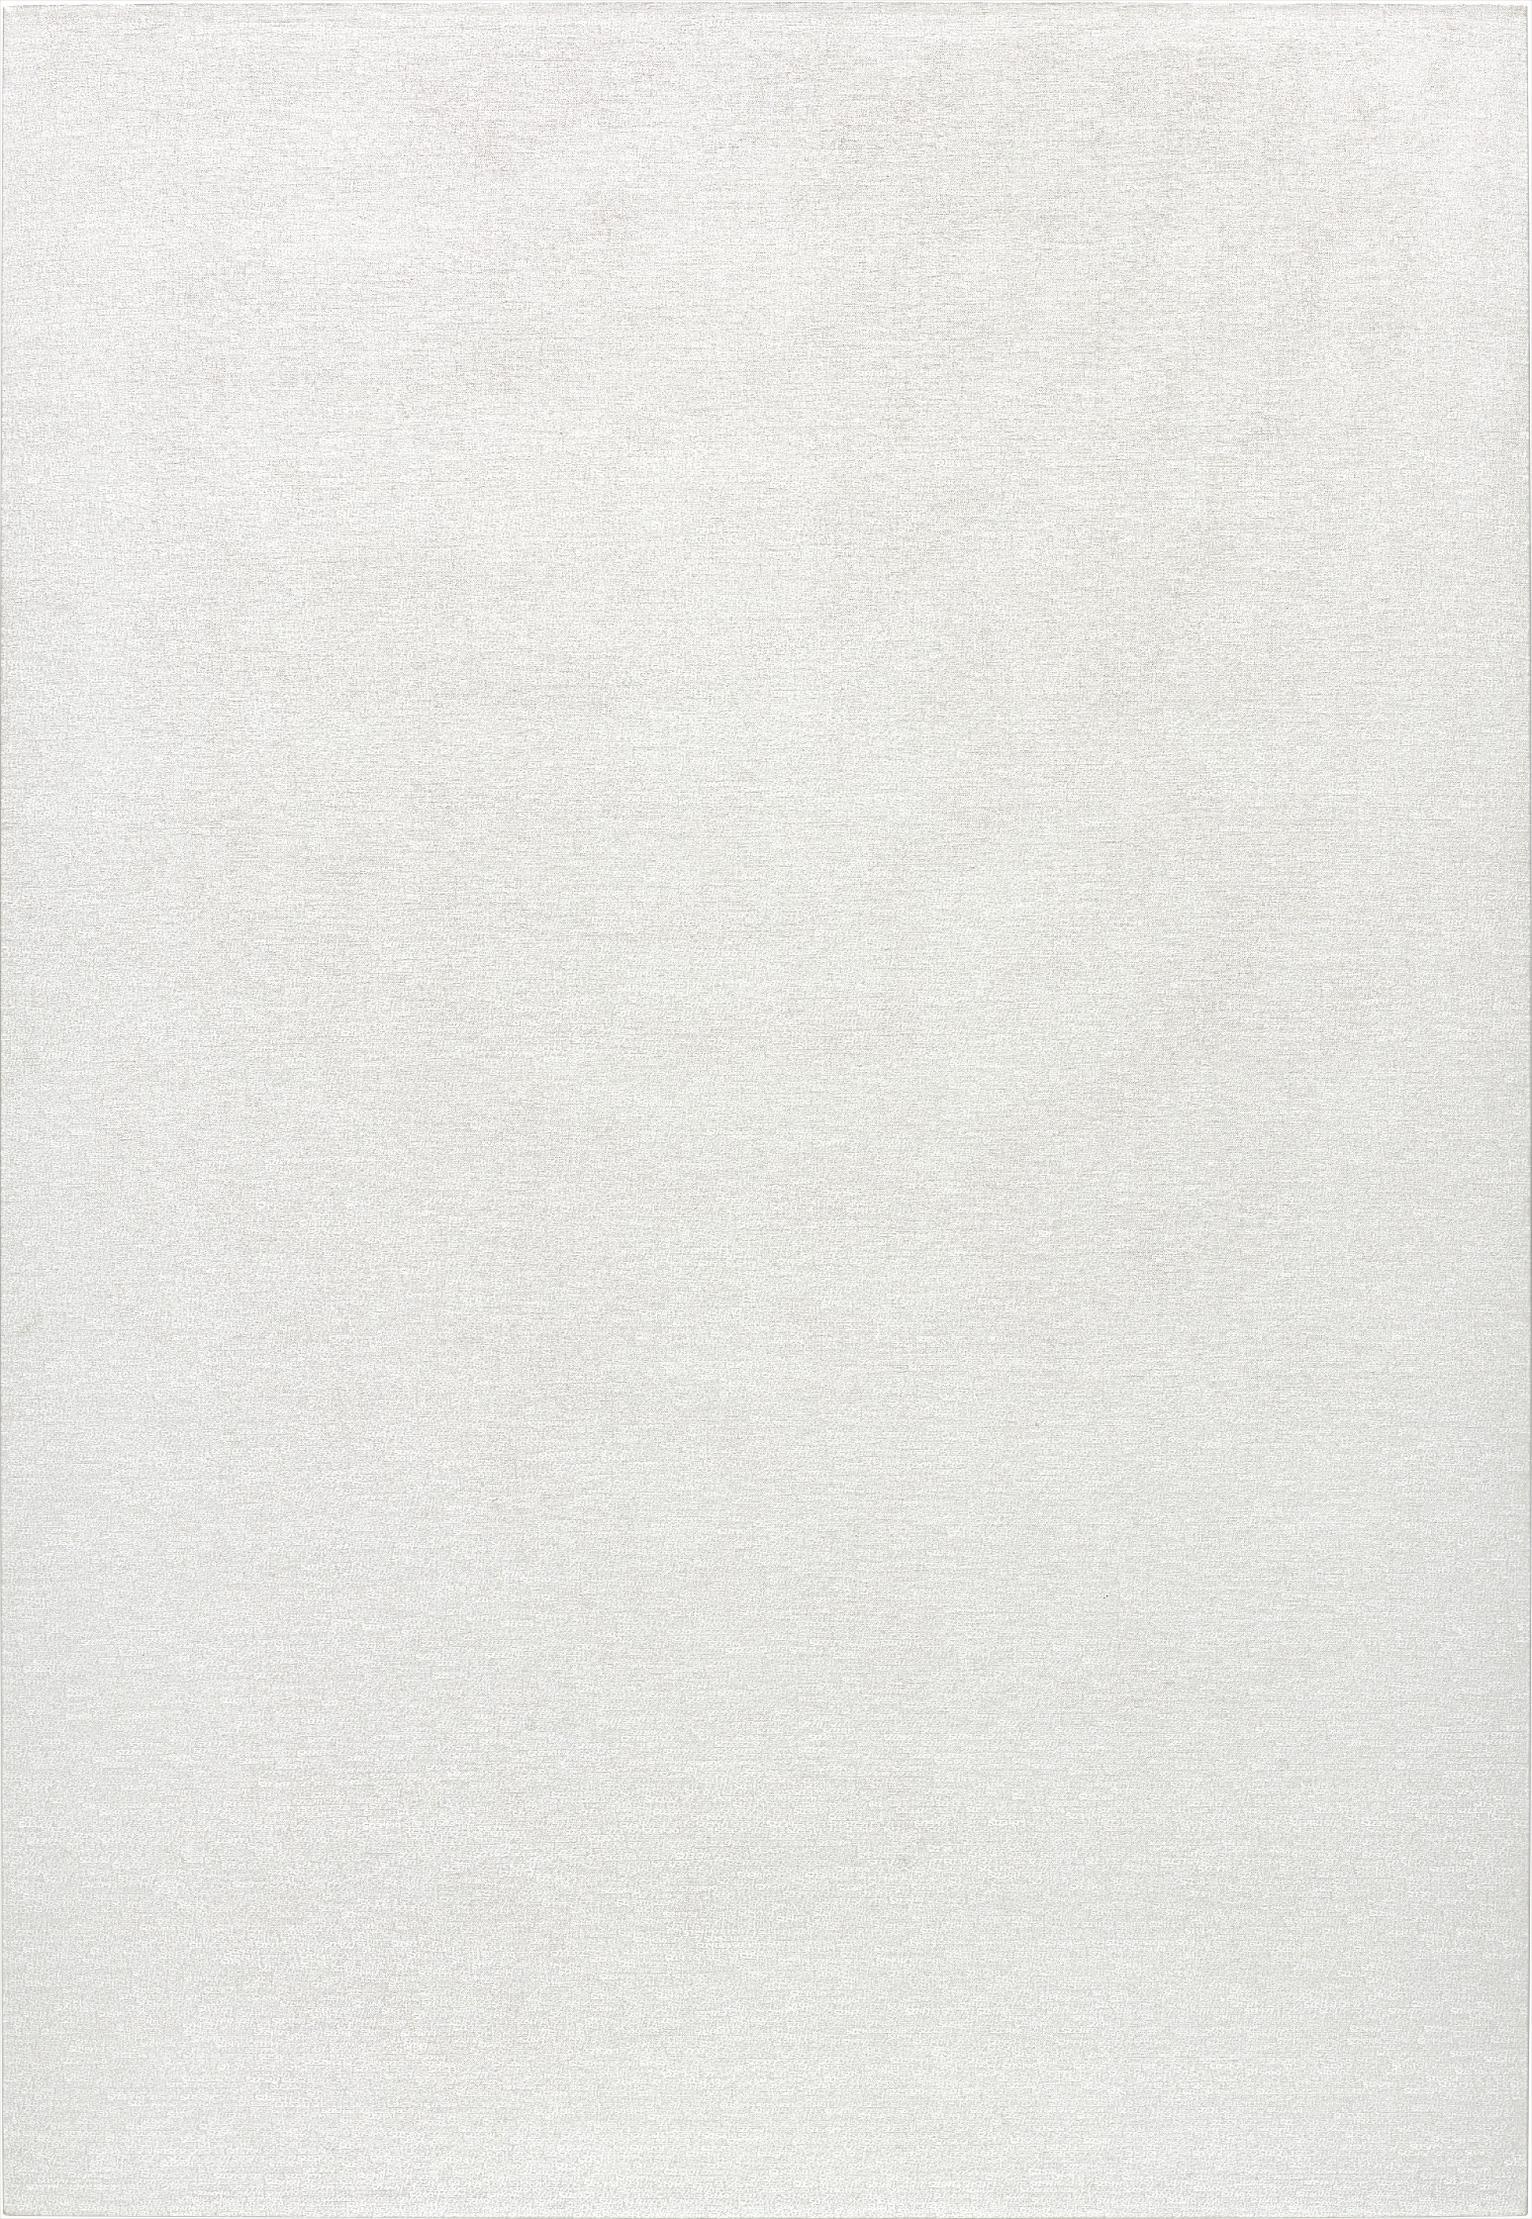 Roman Opalka-Opalka 1965/1 - Detail 5210331 - 5226270-1965